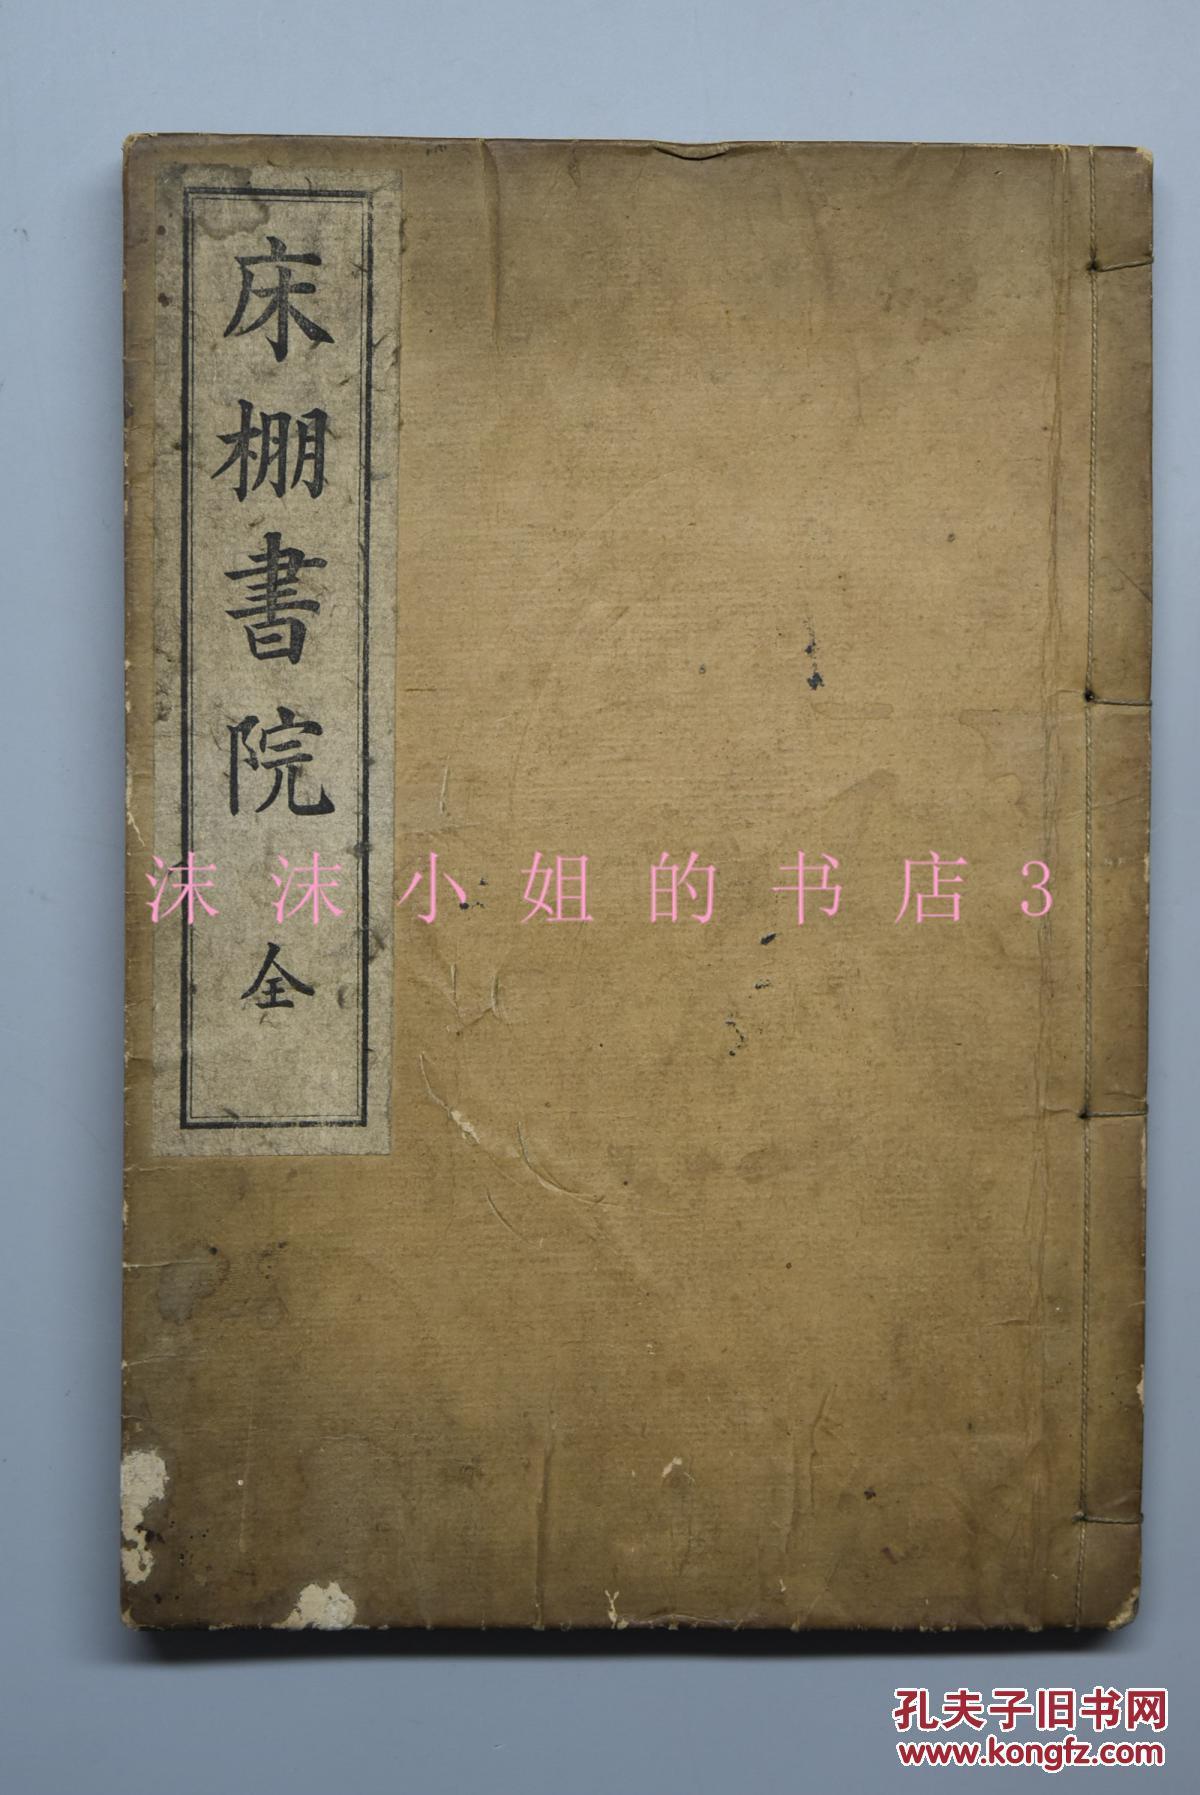 图】孔网唯一《床棚书院》线装一册全排版大量版图介绍日本和室床笫和棚的